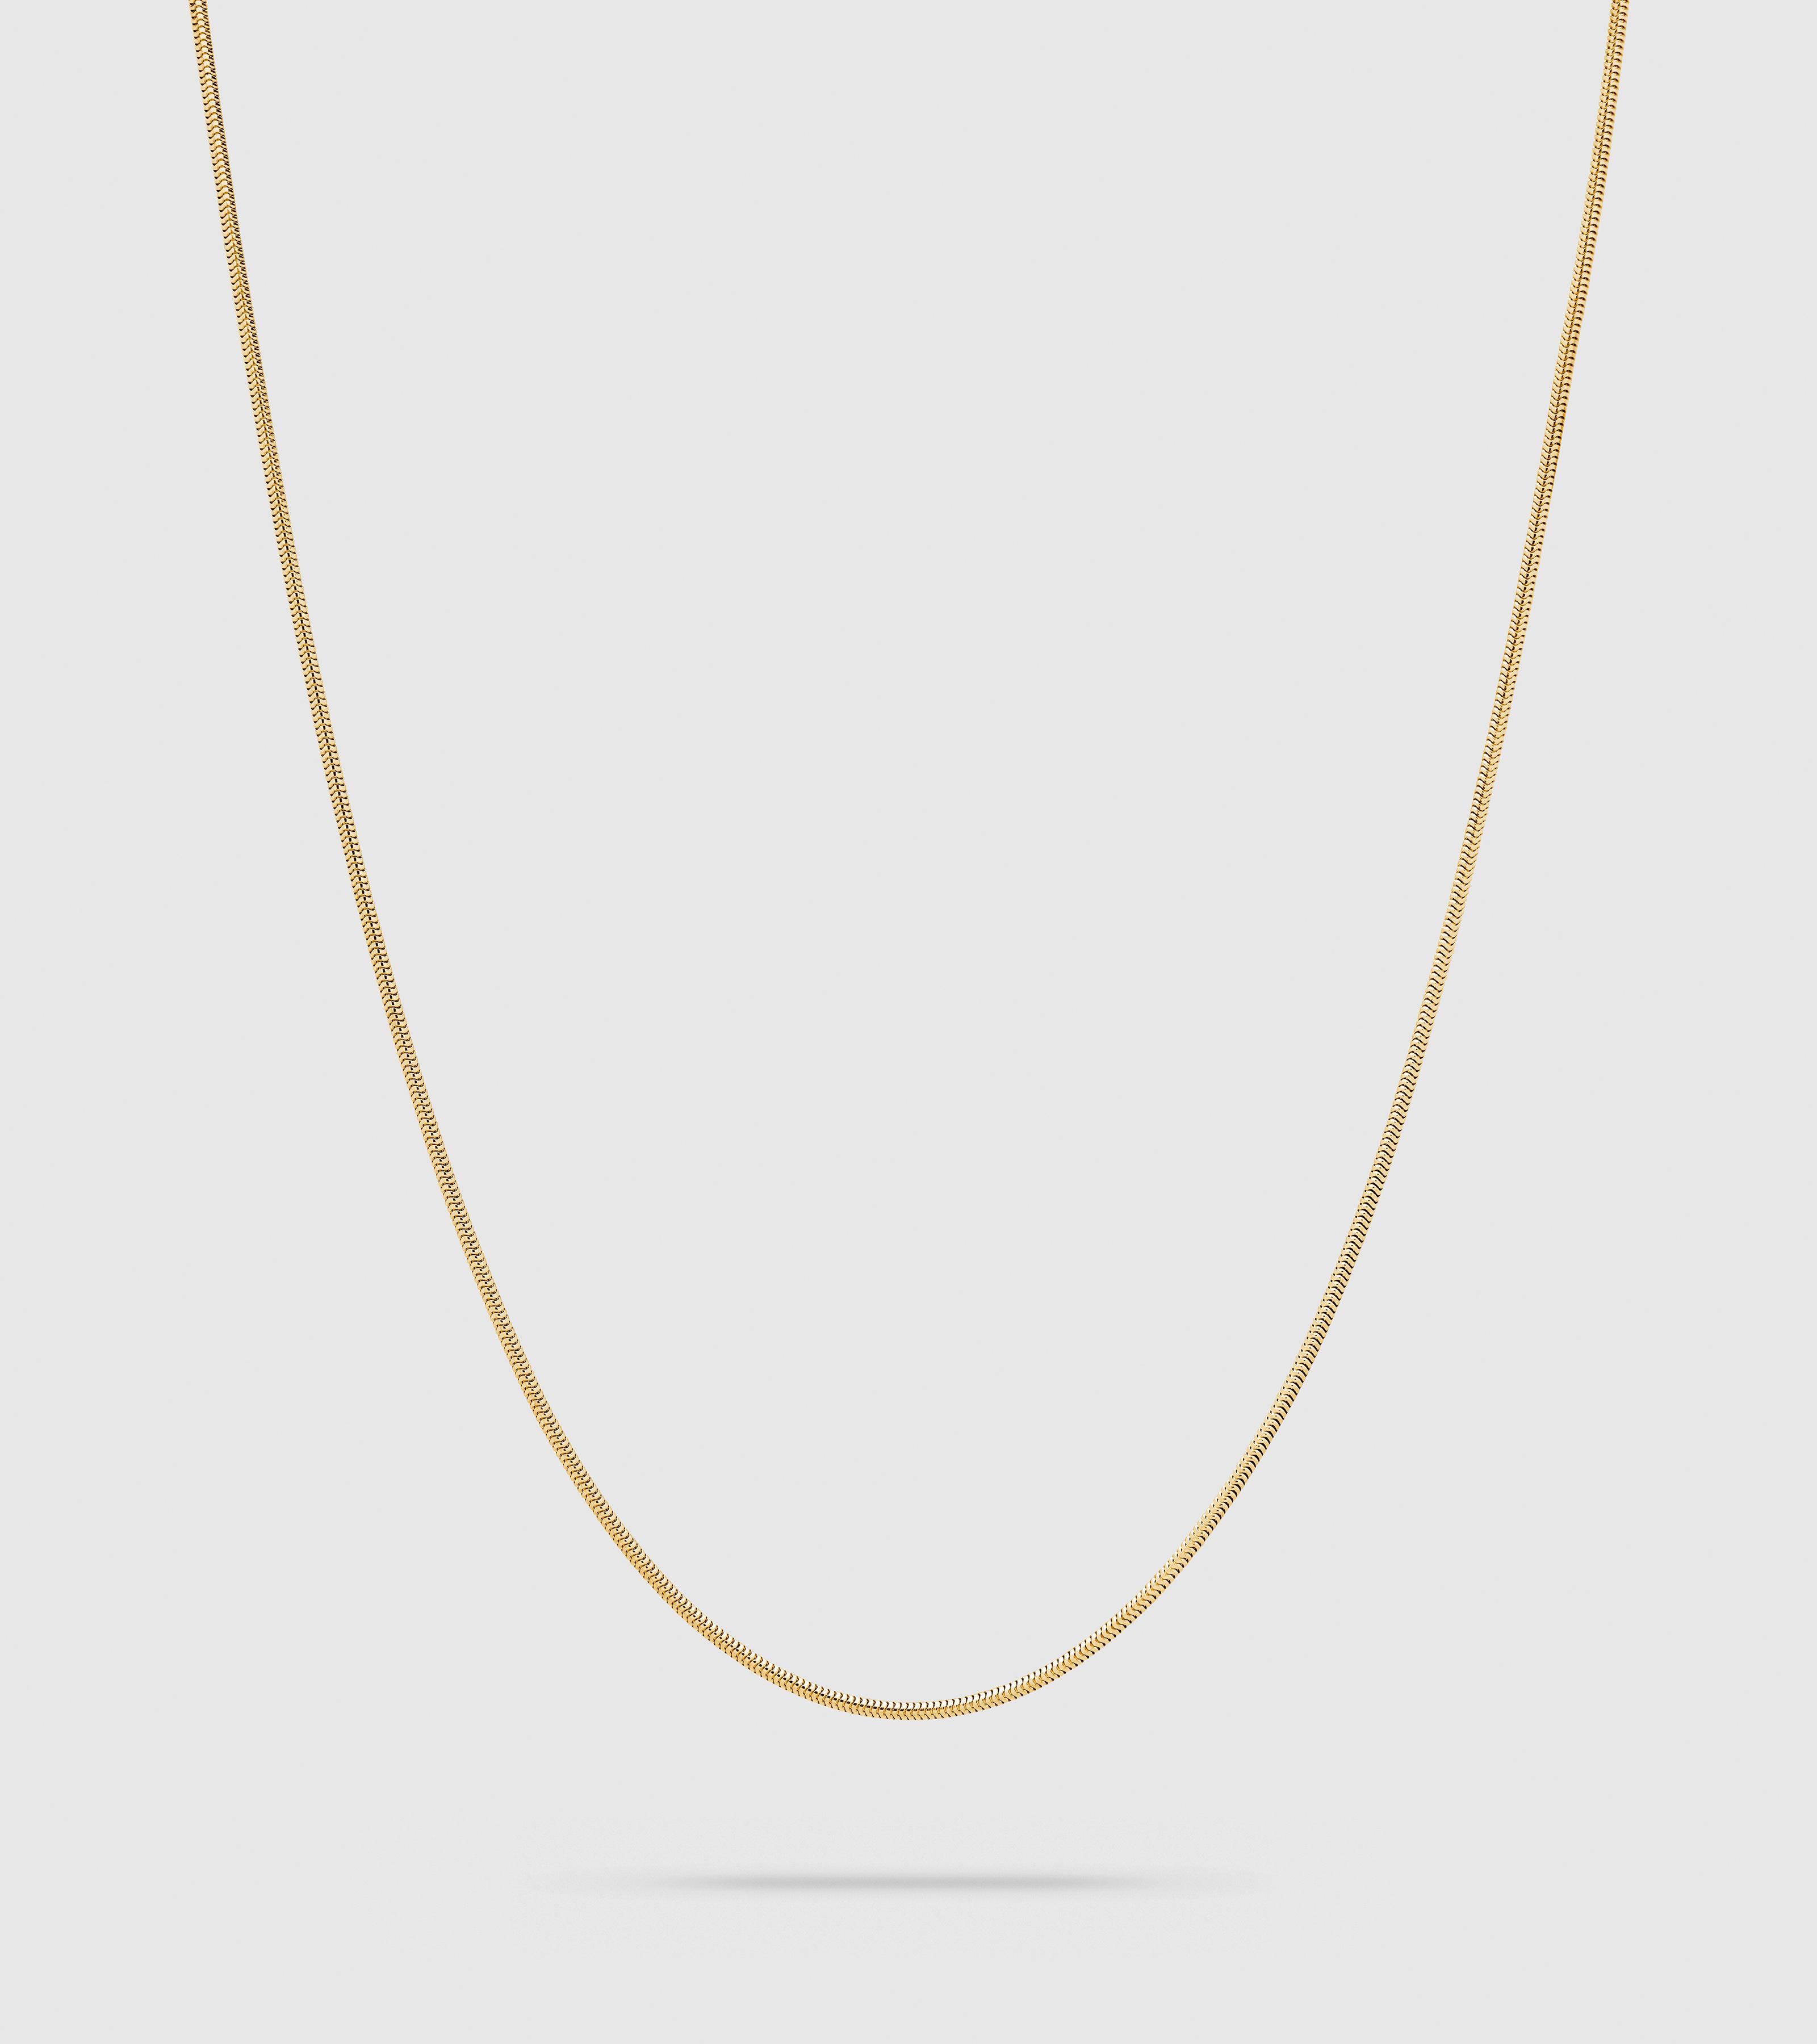 Boa Chain Gold